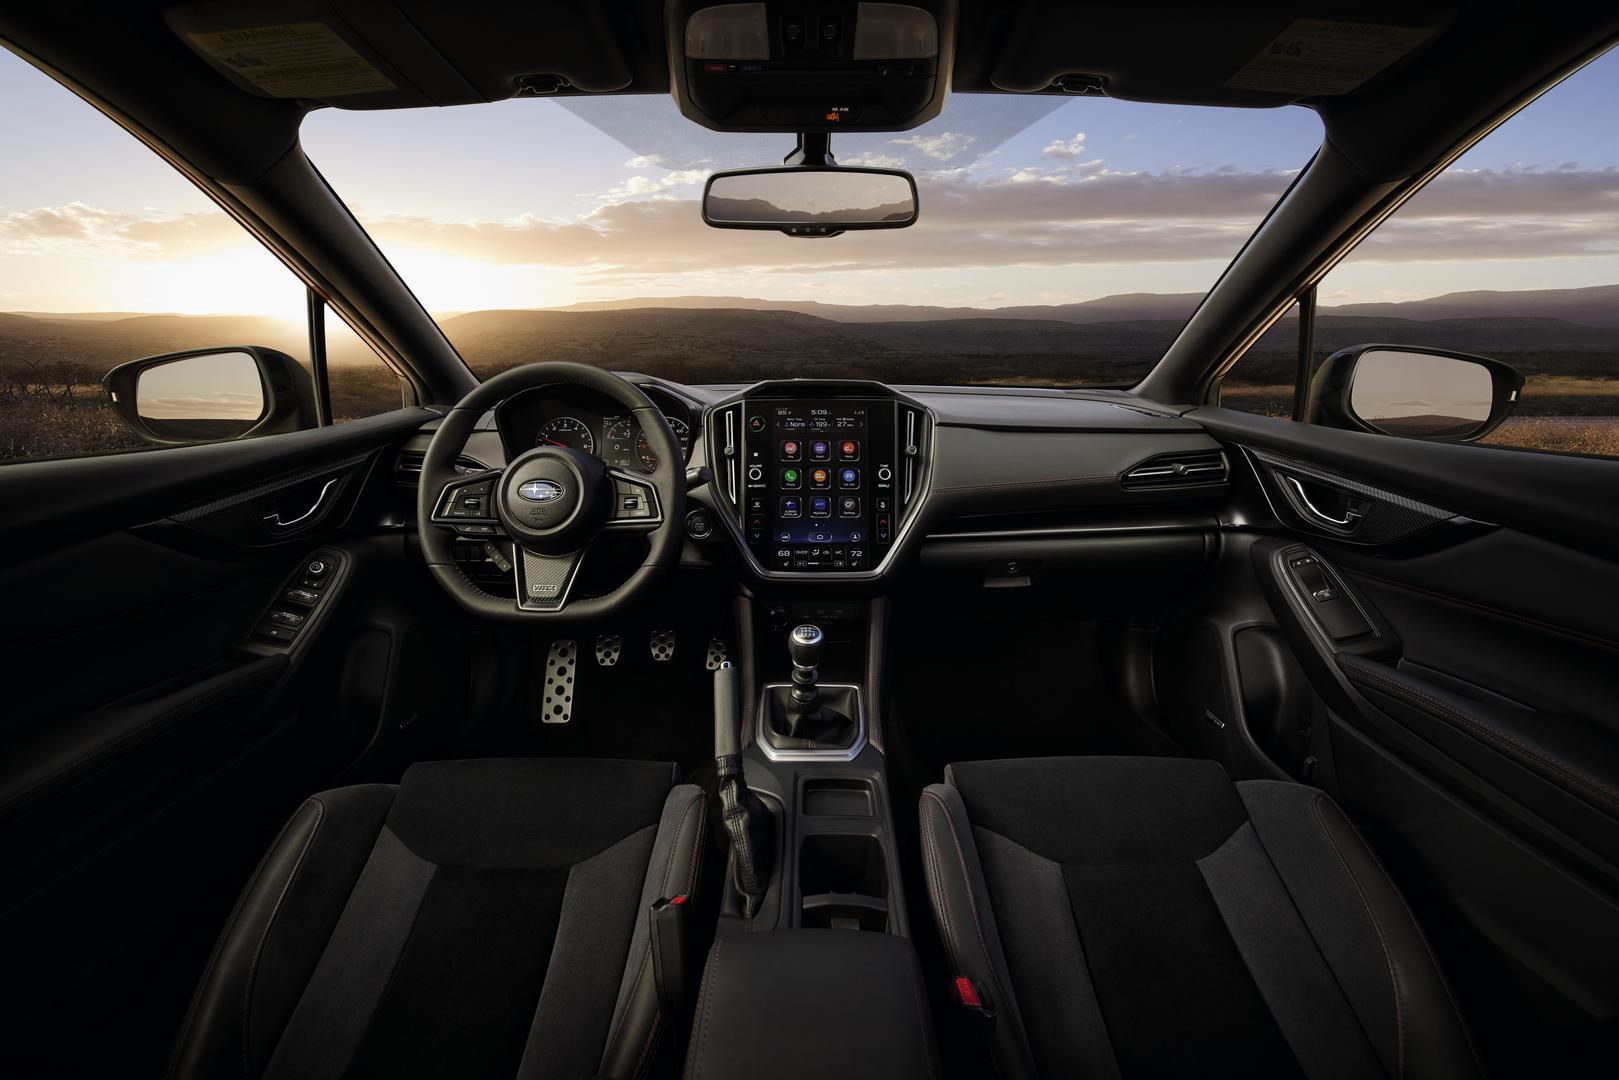 2022 Subaru WRX cabin